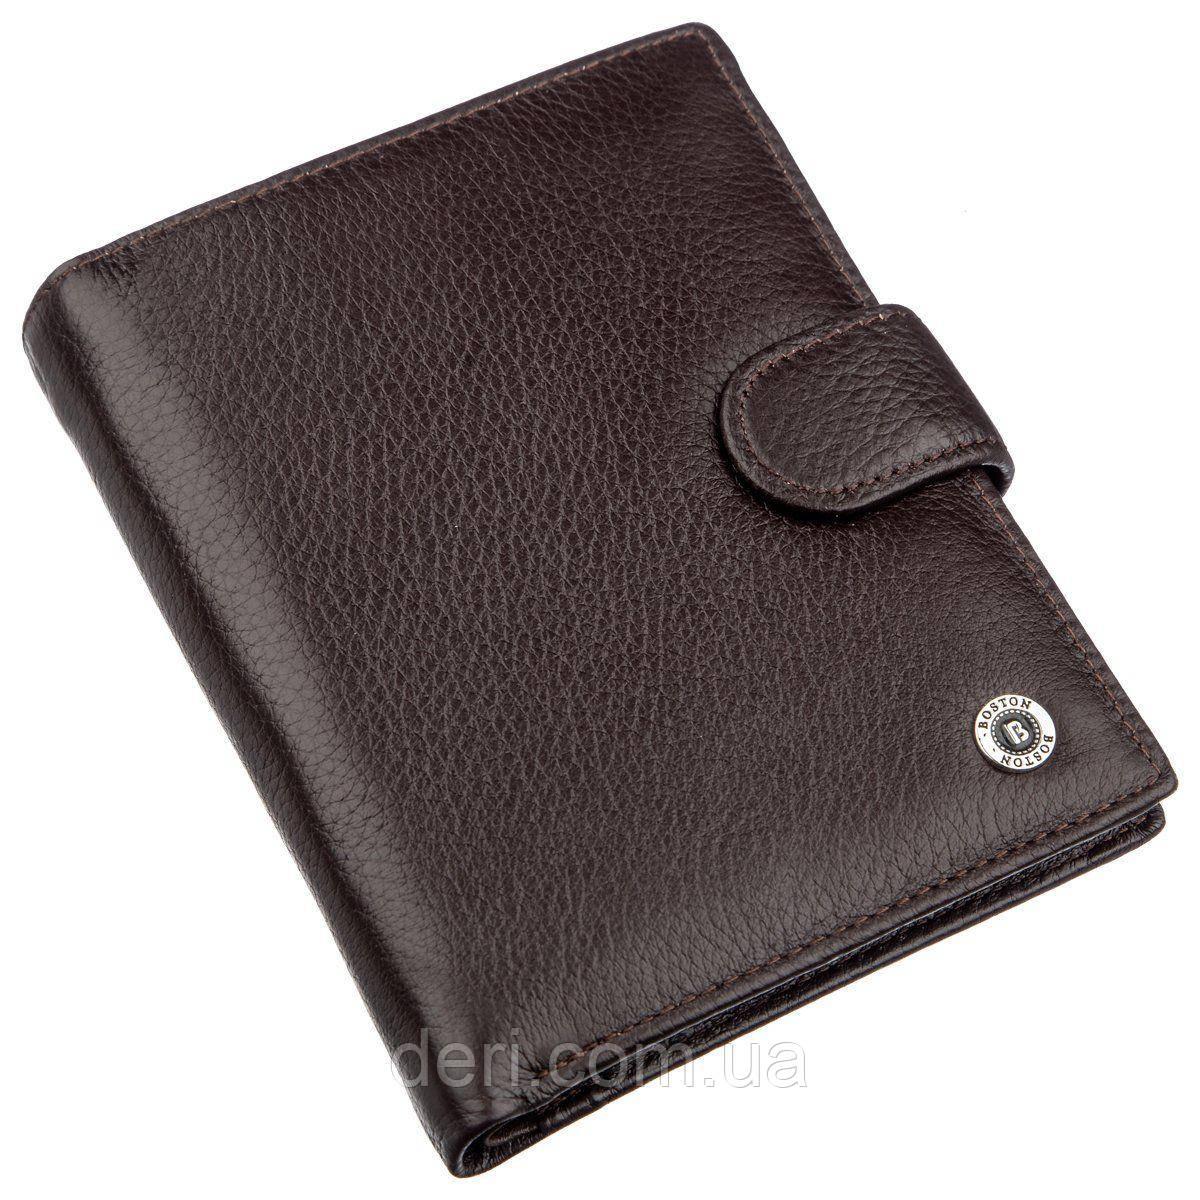 Многофункциональный мужской кошелек с карманами под документы и монеты